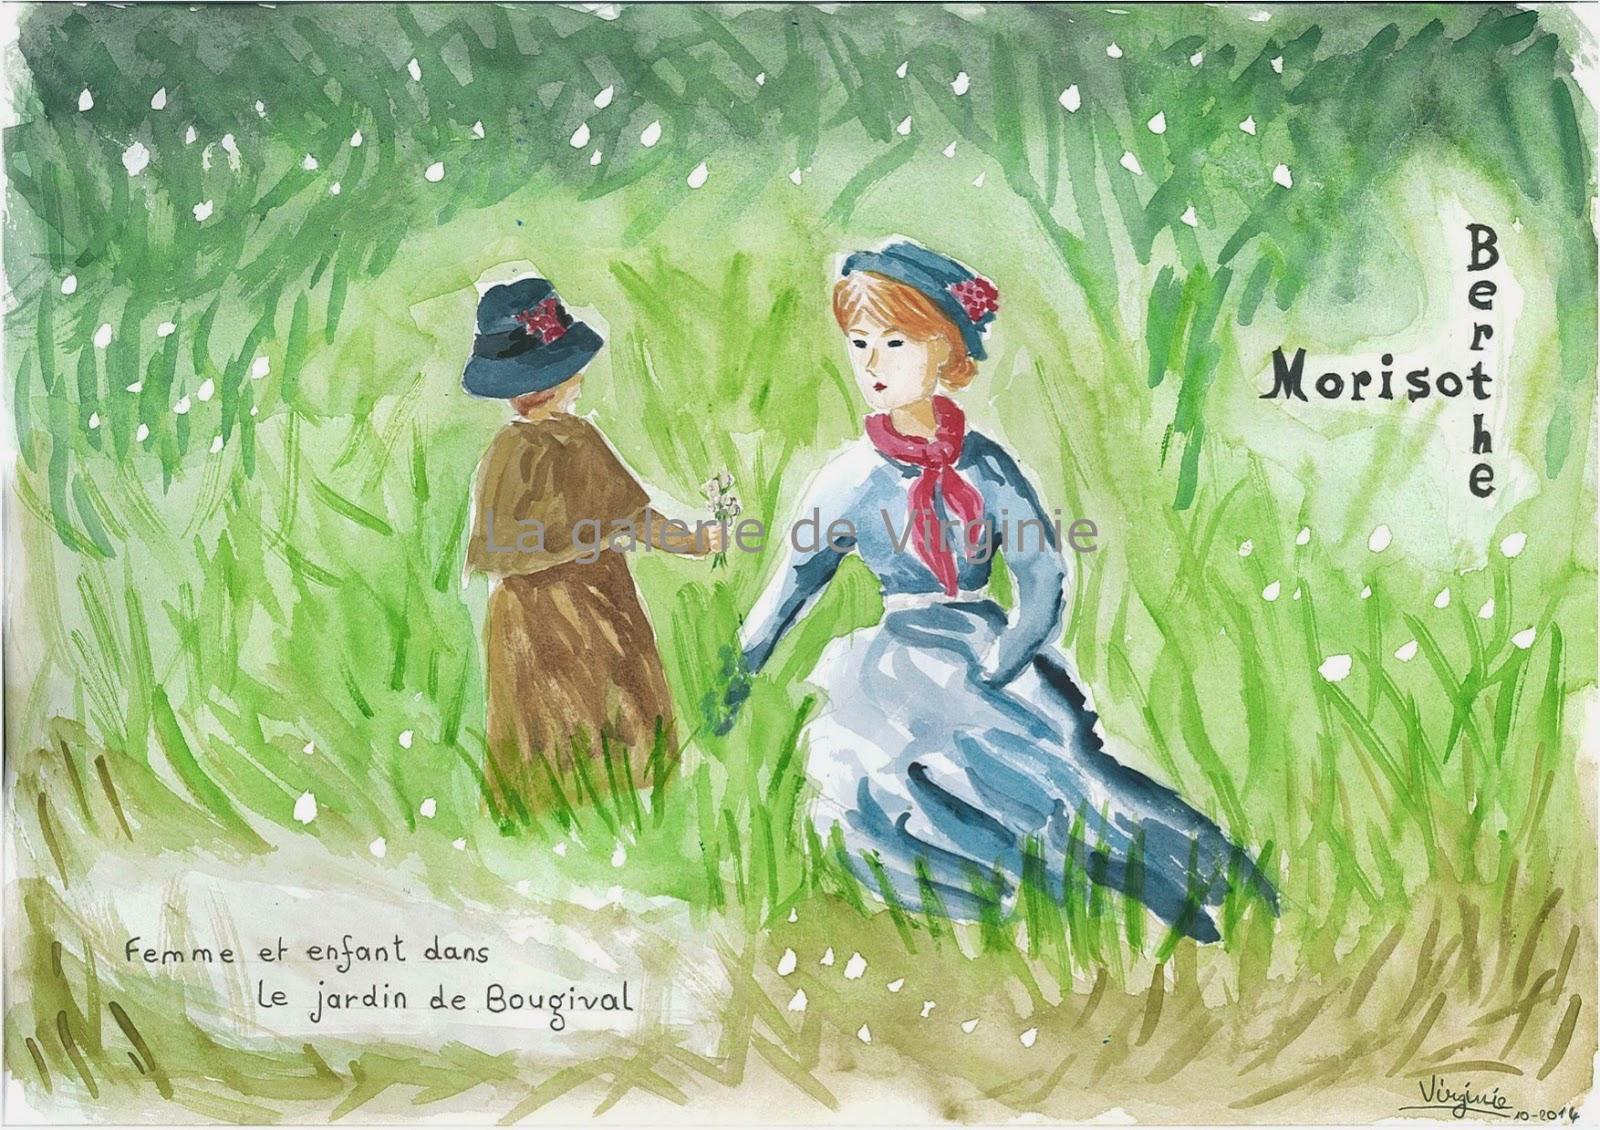 La galerie de Virginie: Femme et enfant dans le jardin de ...